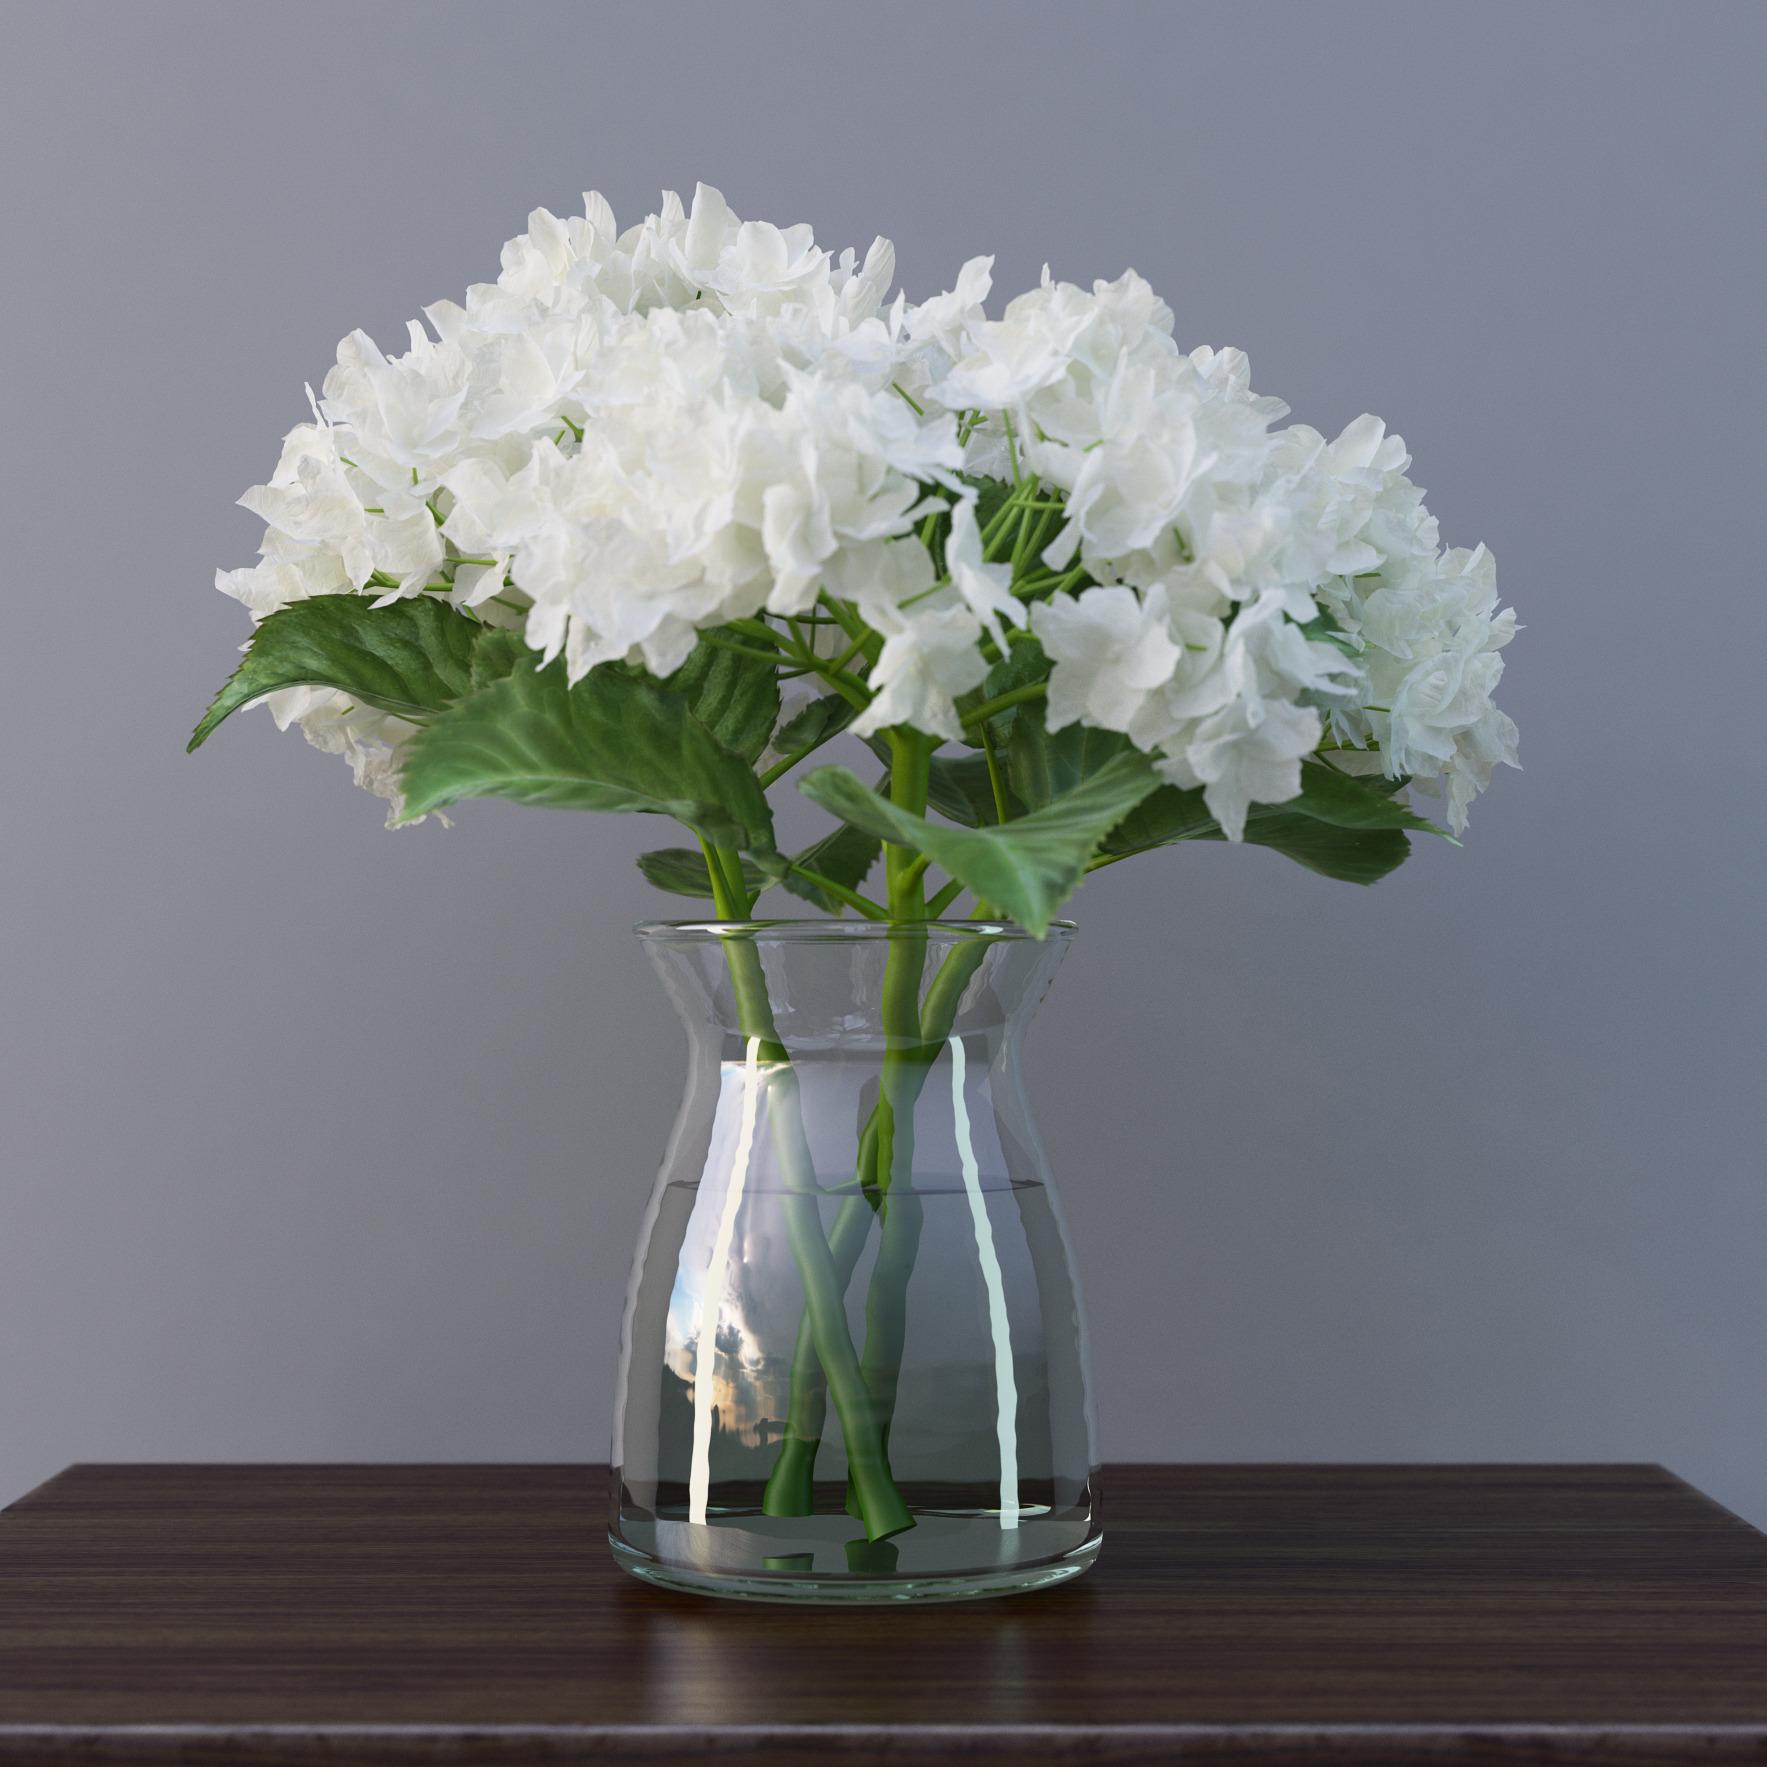 Hydrangea Flower In Vase 3d Model By Numetal 3docean